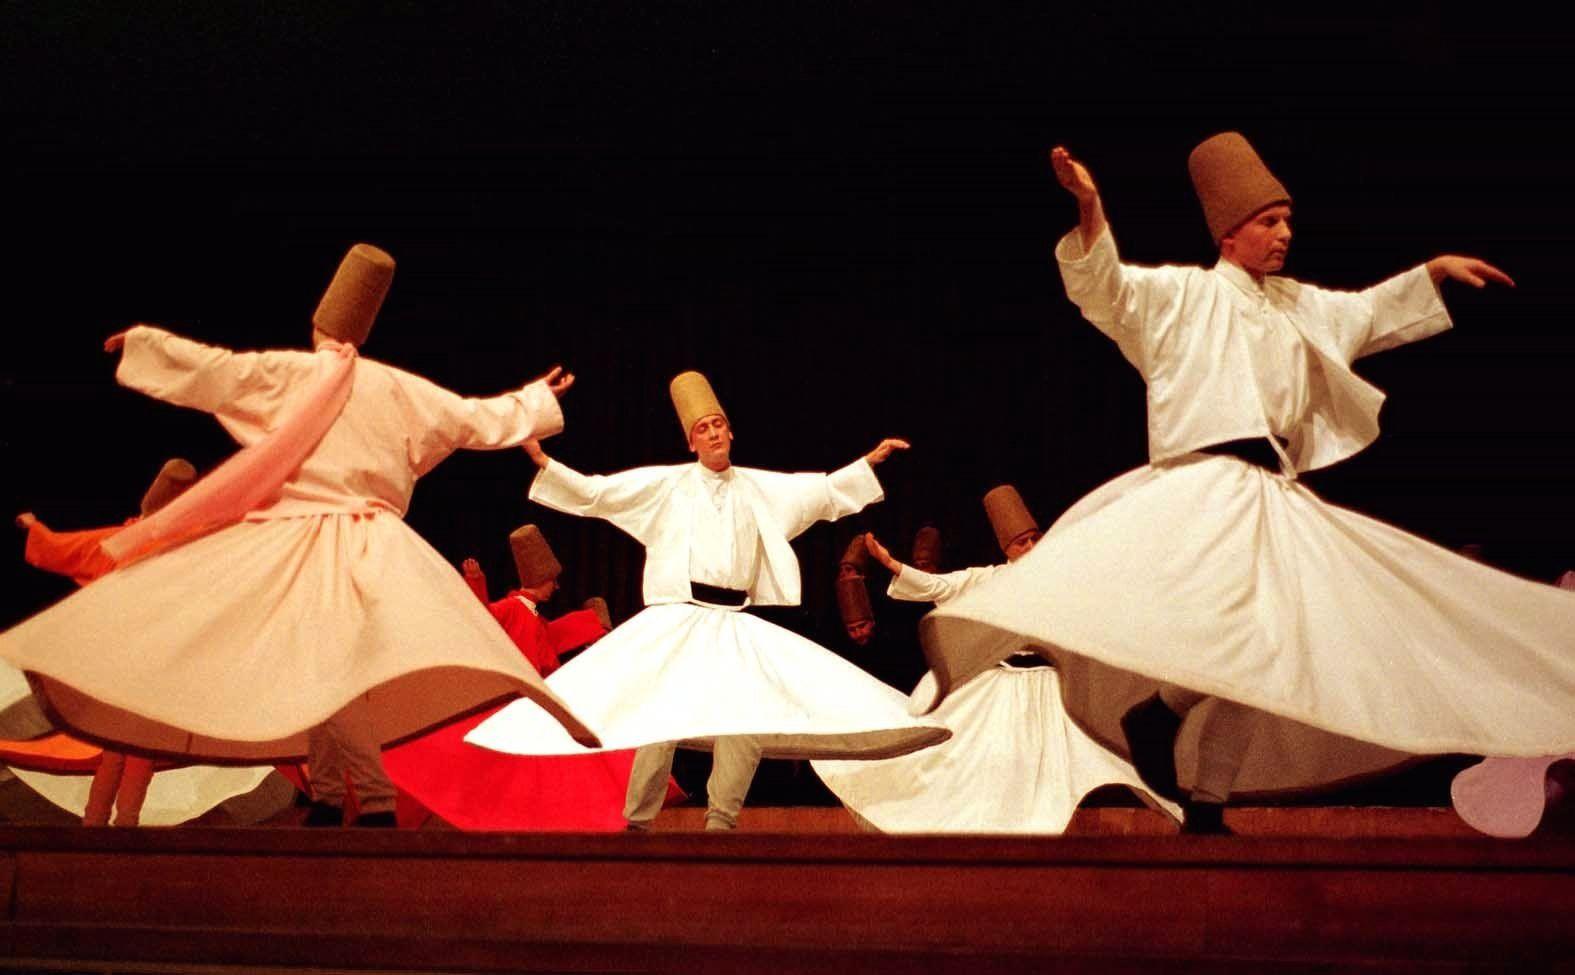 La danse des soufis derviches tourneurs est considérée comme un éveil de l'âme, le moyen par lequel l'âme recherche la douceur et l'humilité primordiales, le germe d'amour divin déposé dans les coeurs.Elle est une tentative de réintégration de la chair dans l'Esprit...